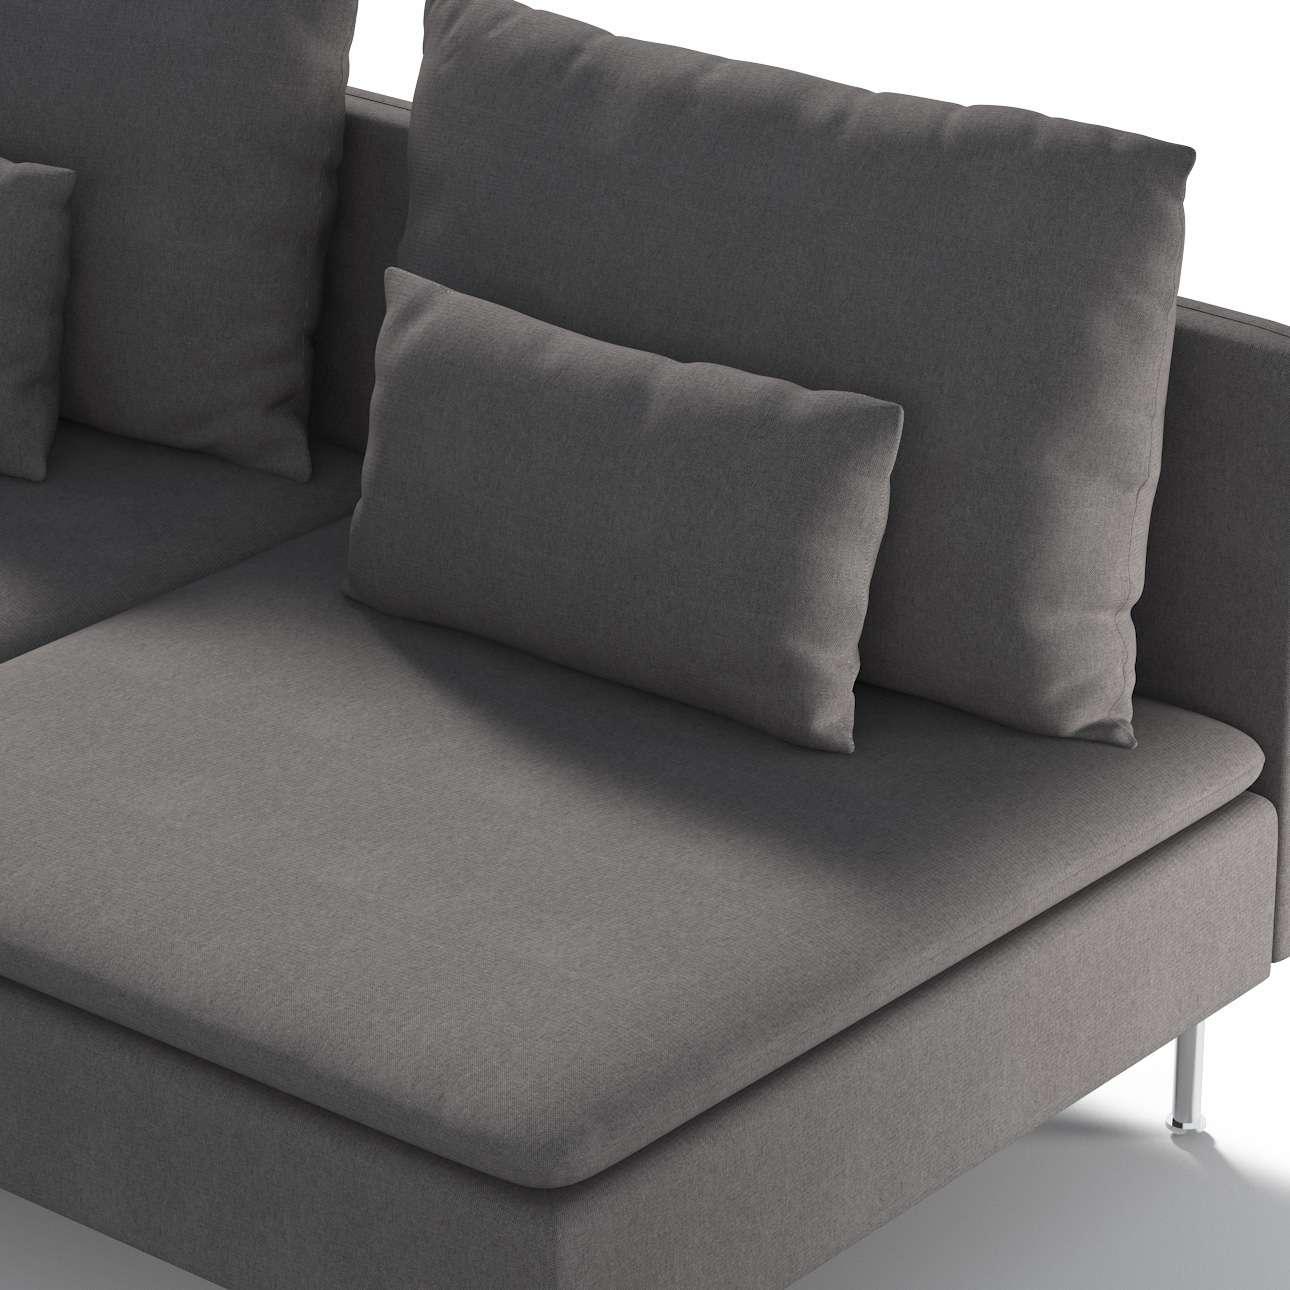 Söderhamn Bezug für Sitzelement 3 von der Kollektion Etna, Stoff: 705-35